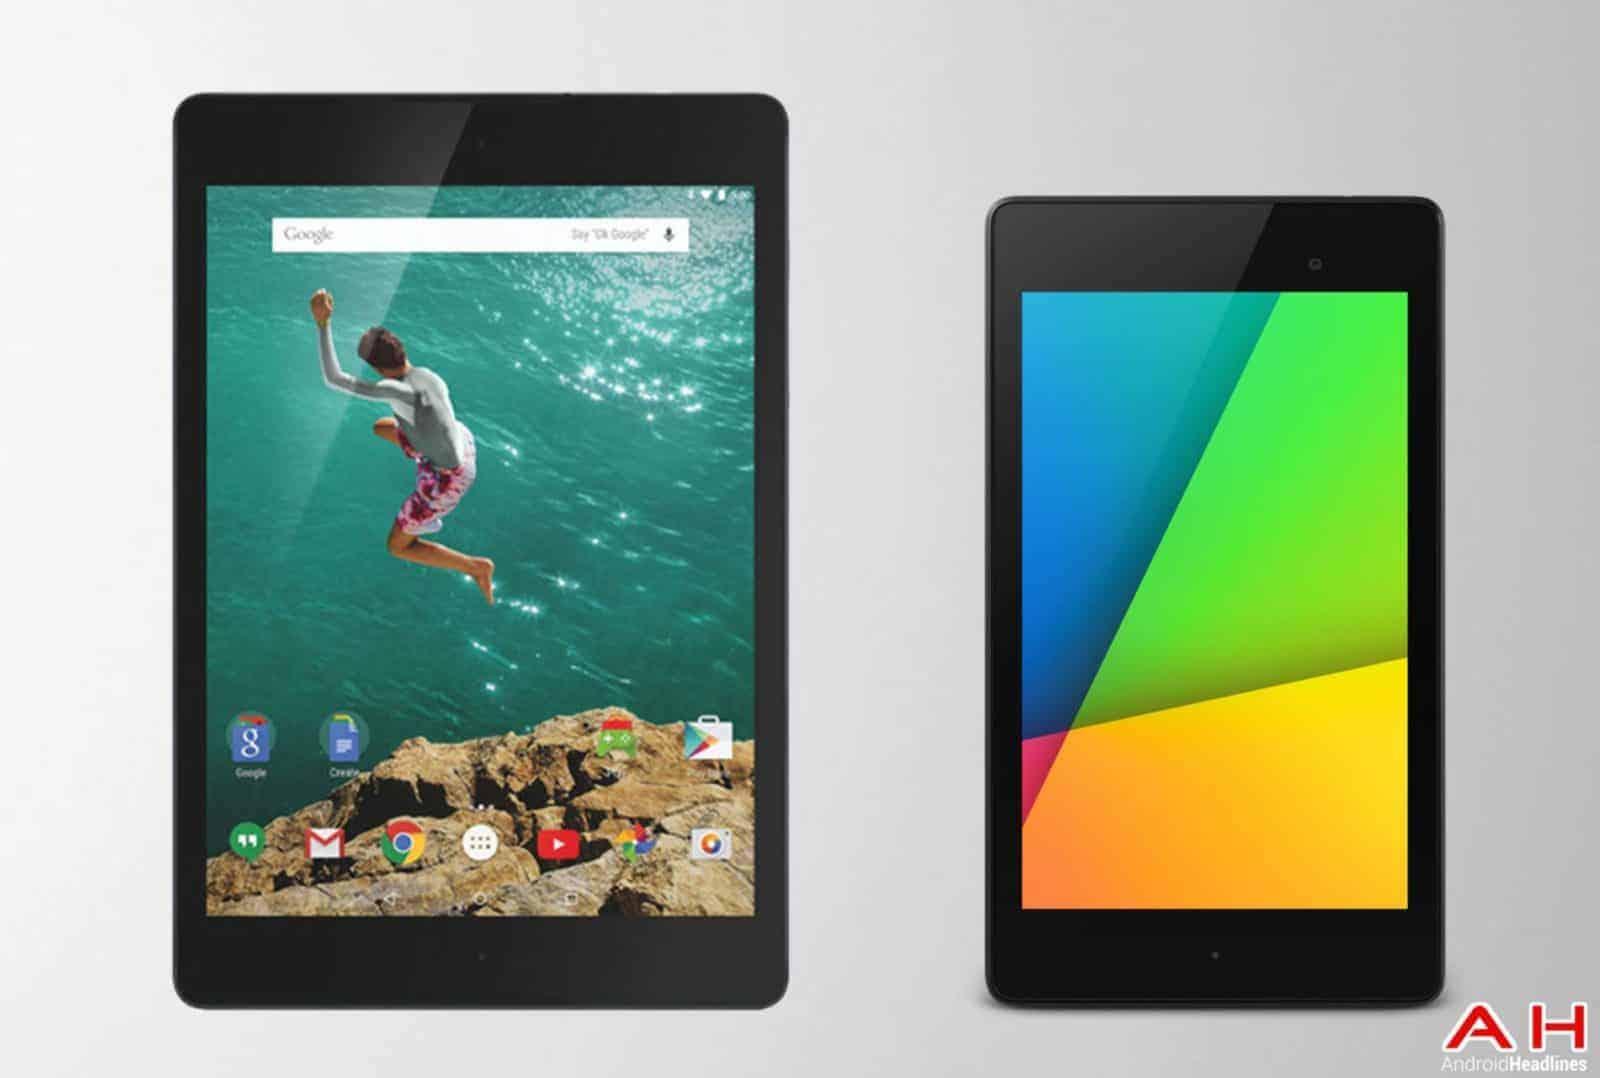 AH Wars Nexus 9 vs Nexus 7